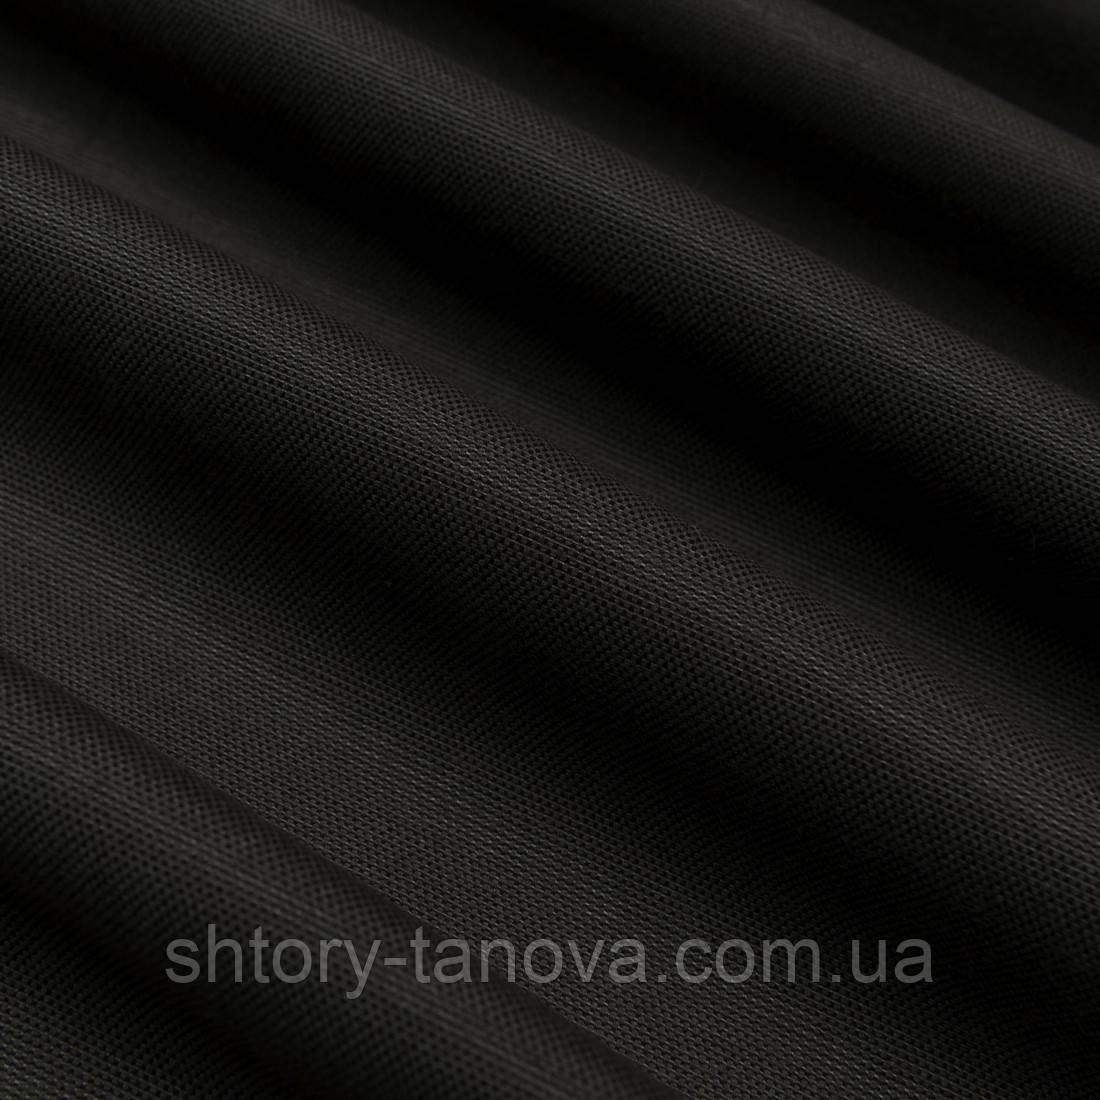 Натуральная ткань для штор с тефлоновым покрытием коричнево-бежевый